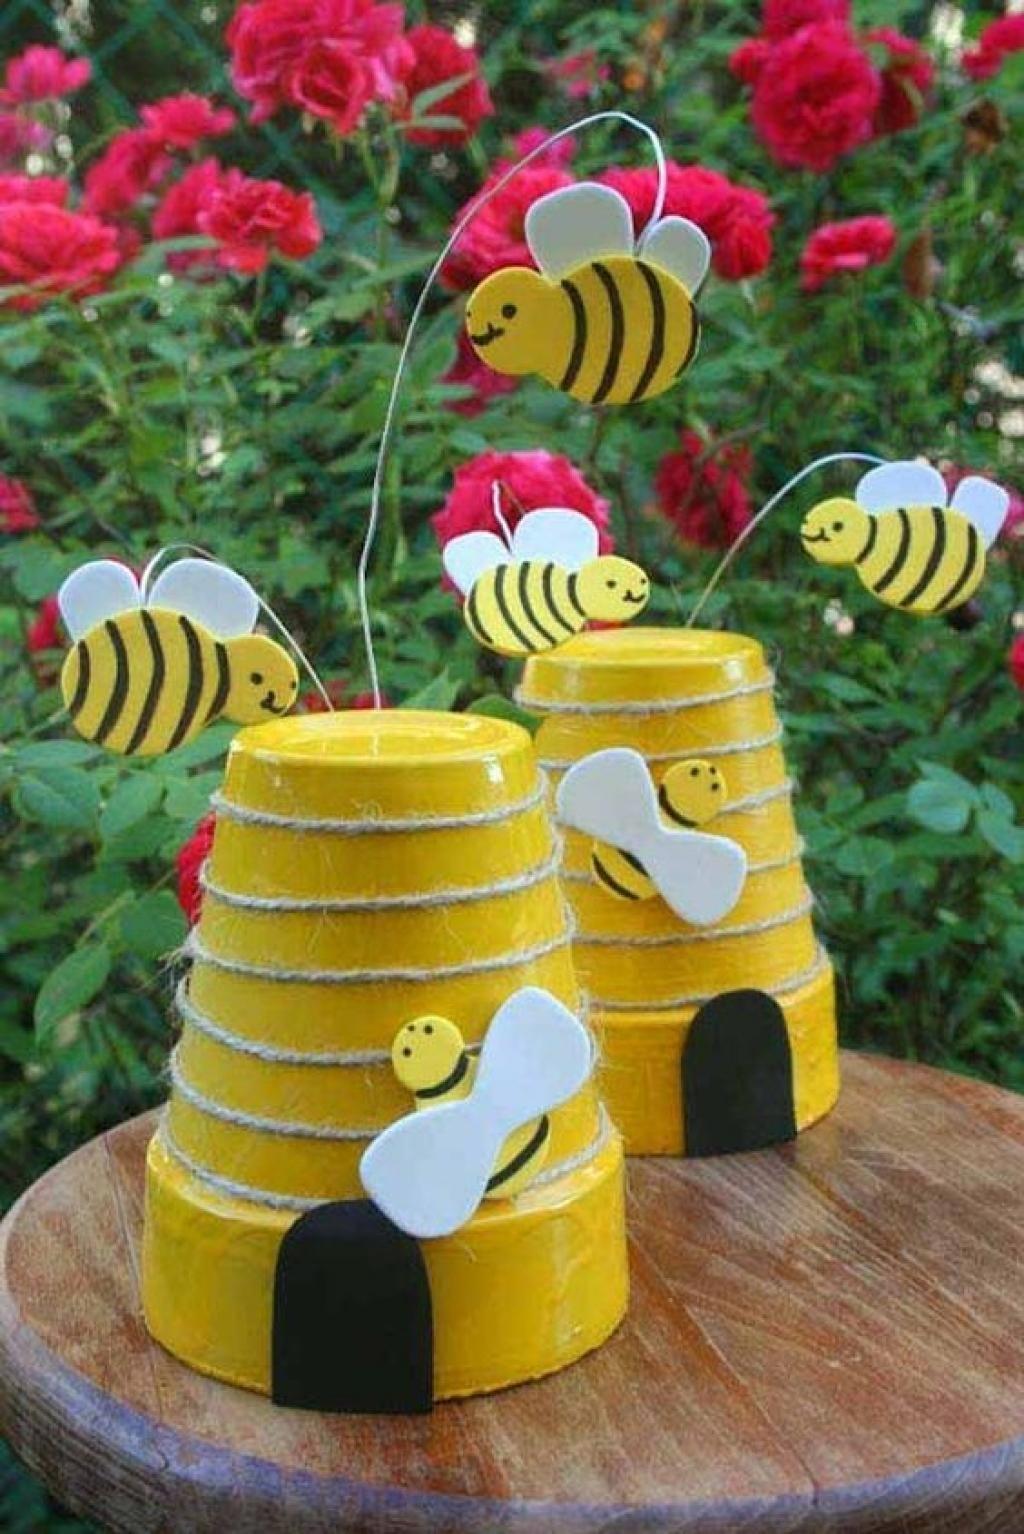 12 nouveaux mod les de d corations de jardin faire avec des pots en terre cuite decoration. Black Bedroom Furniture Sets. Home Design Ideas